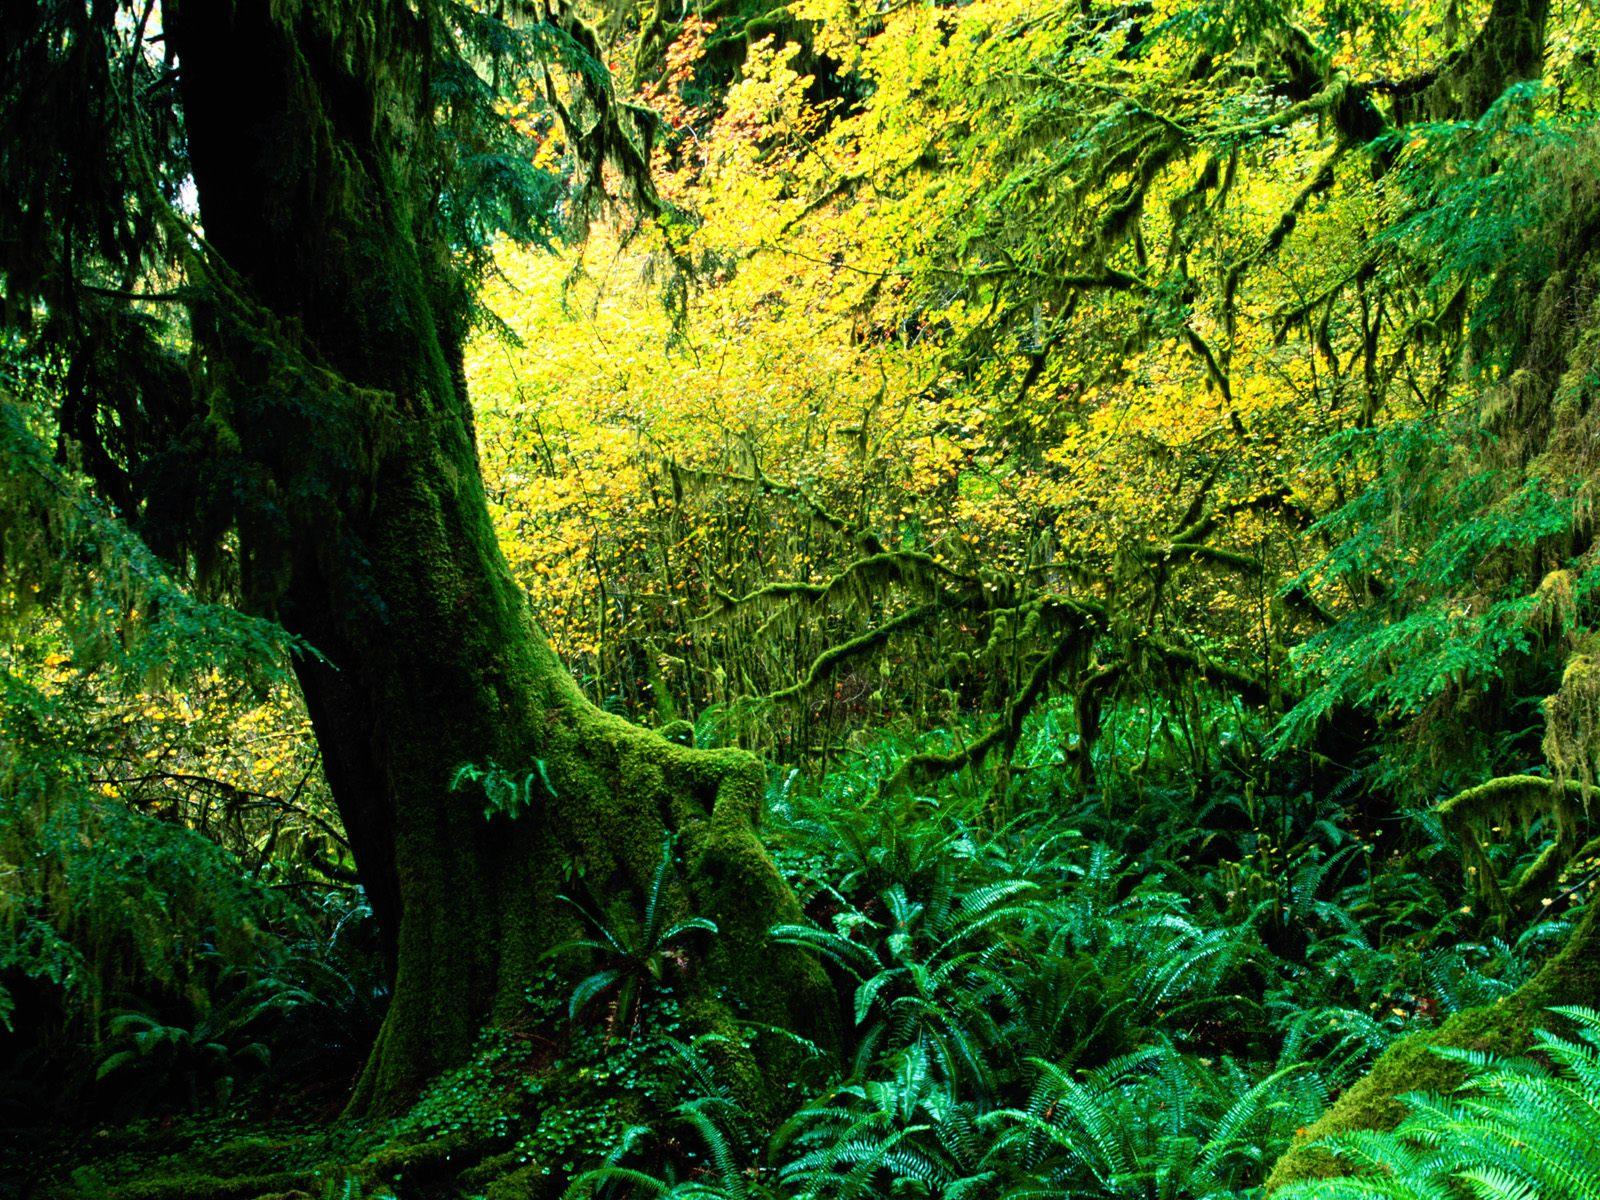 зеленый лес, толстое дерево, скачать фото